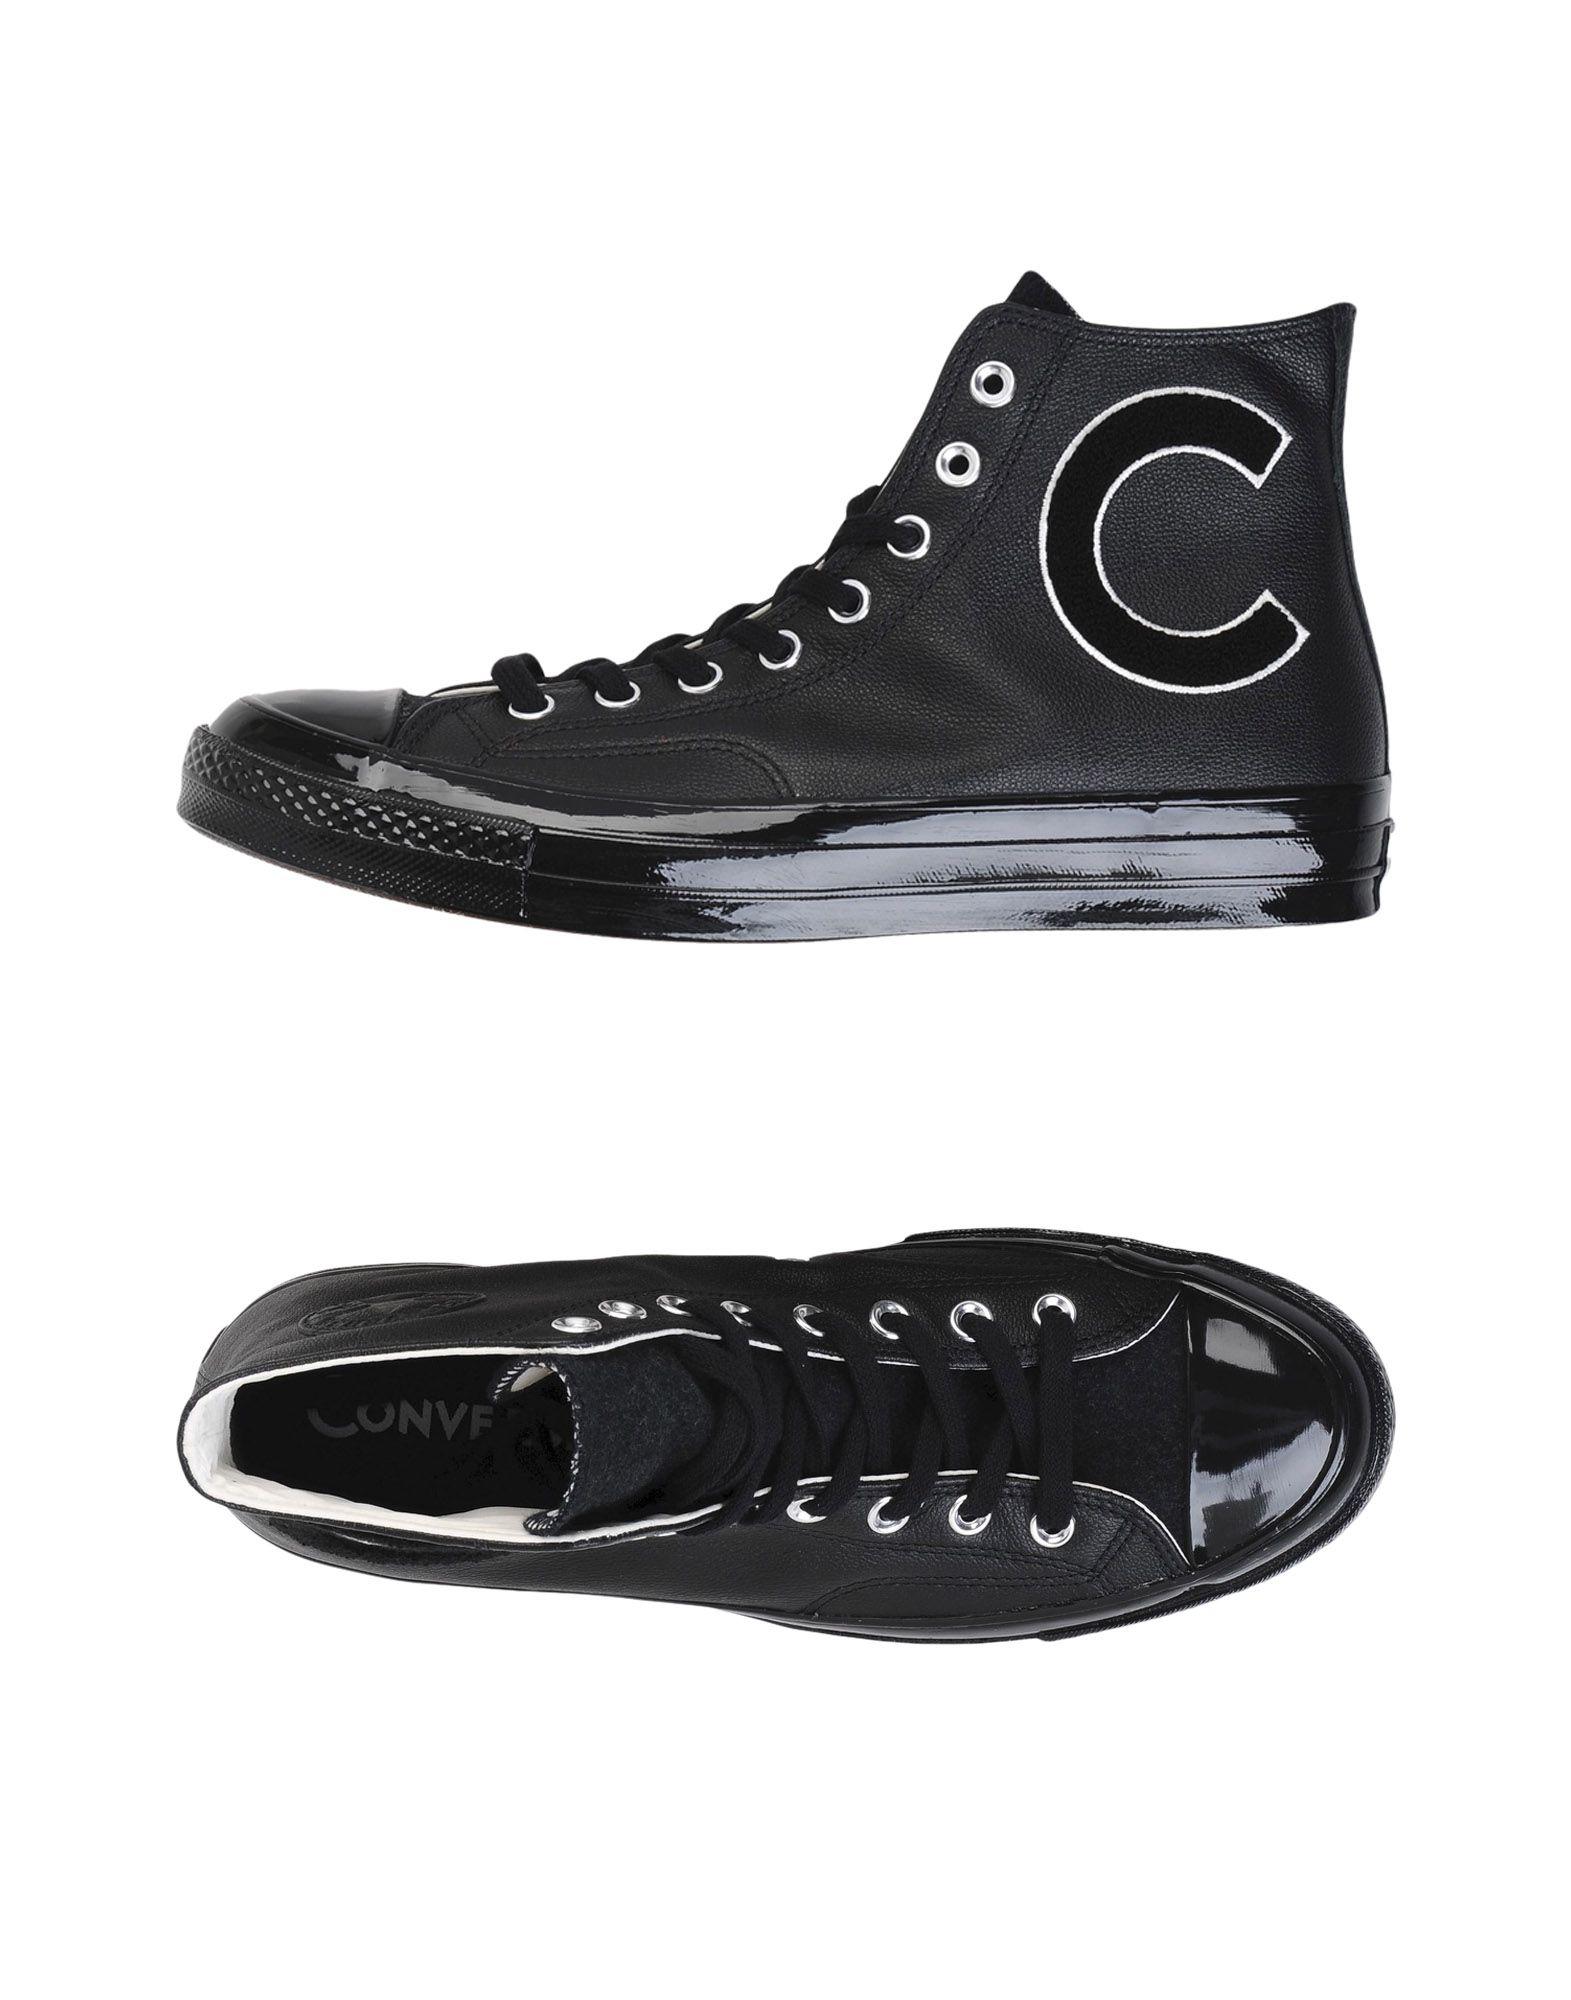 Converse All Star Ctas Hi 70'S Wordmark Wool  11461315FE Gute Qualität beliebte Schuhe